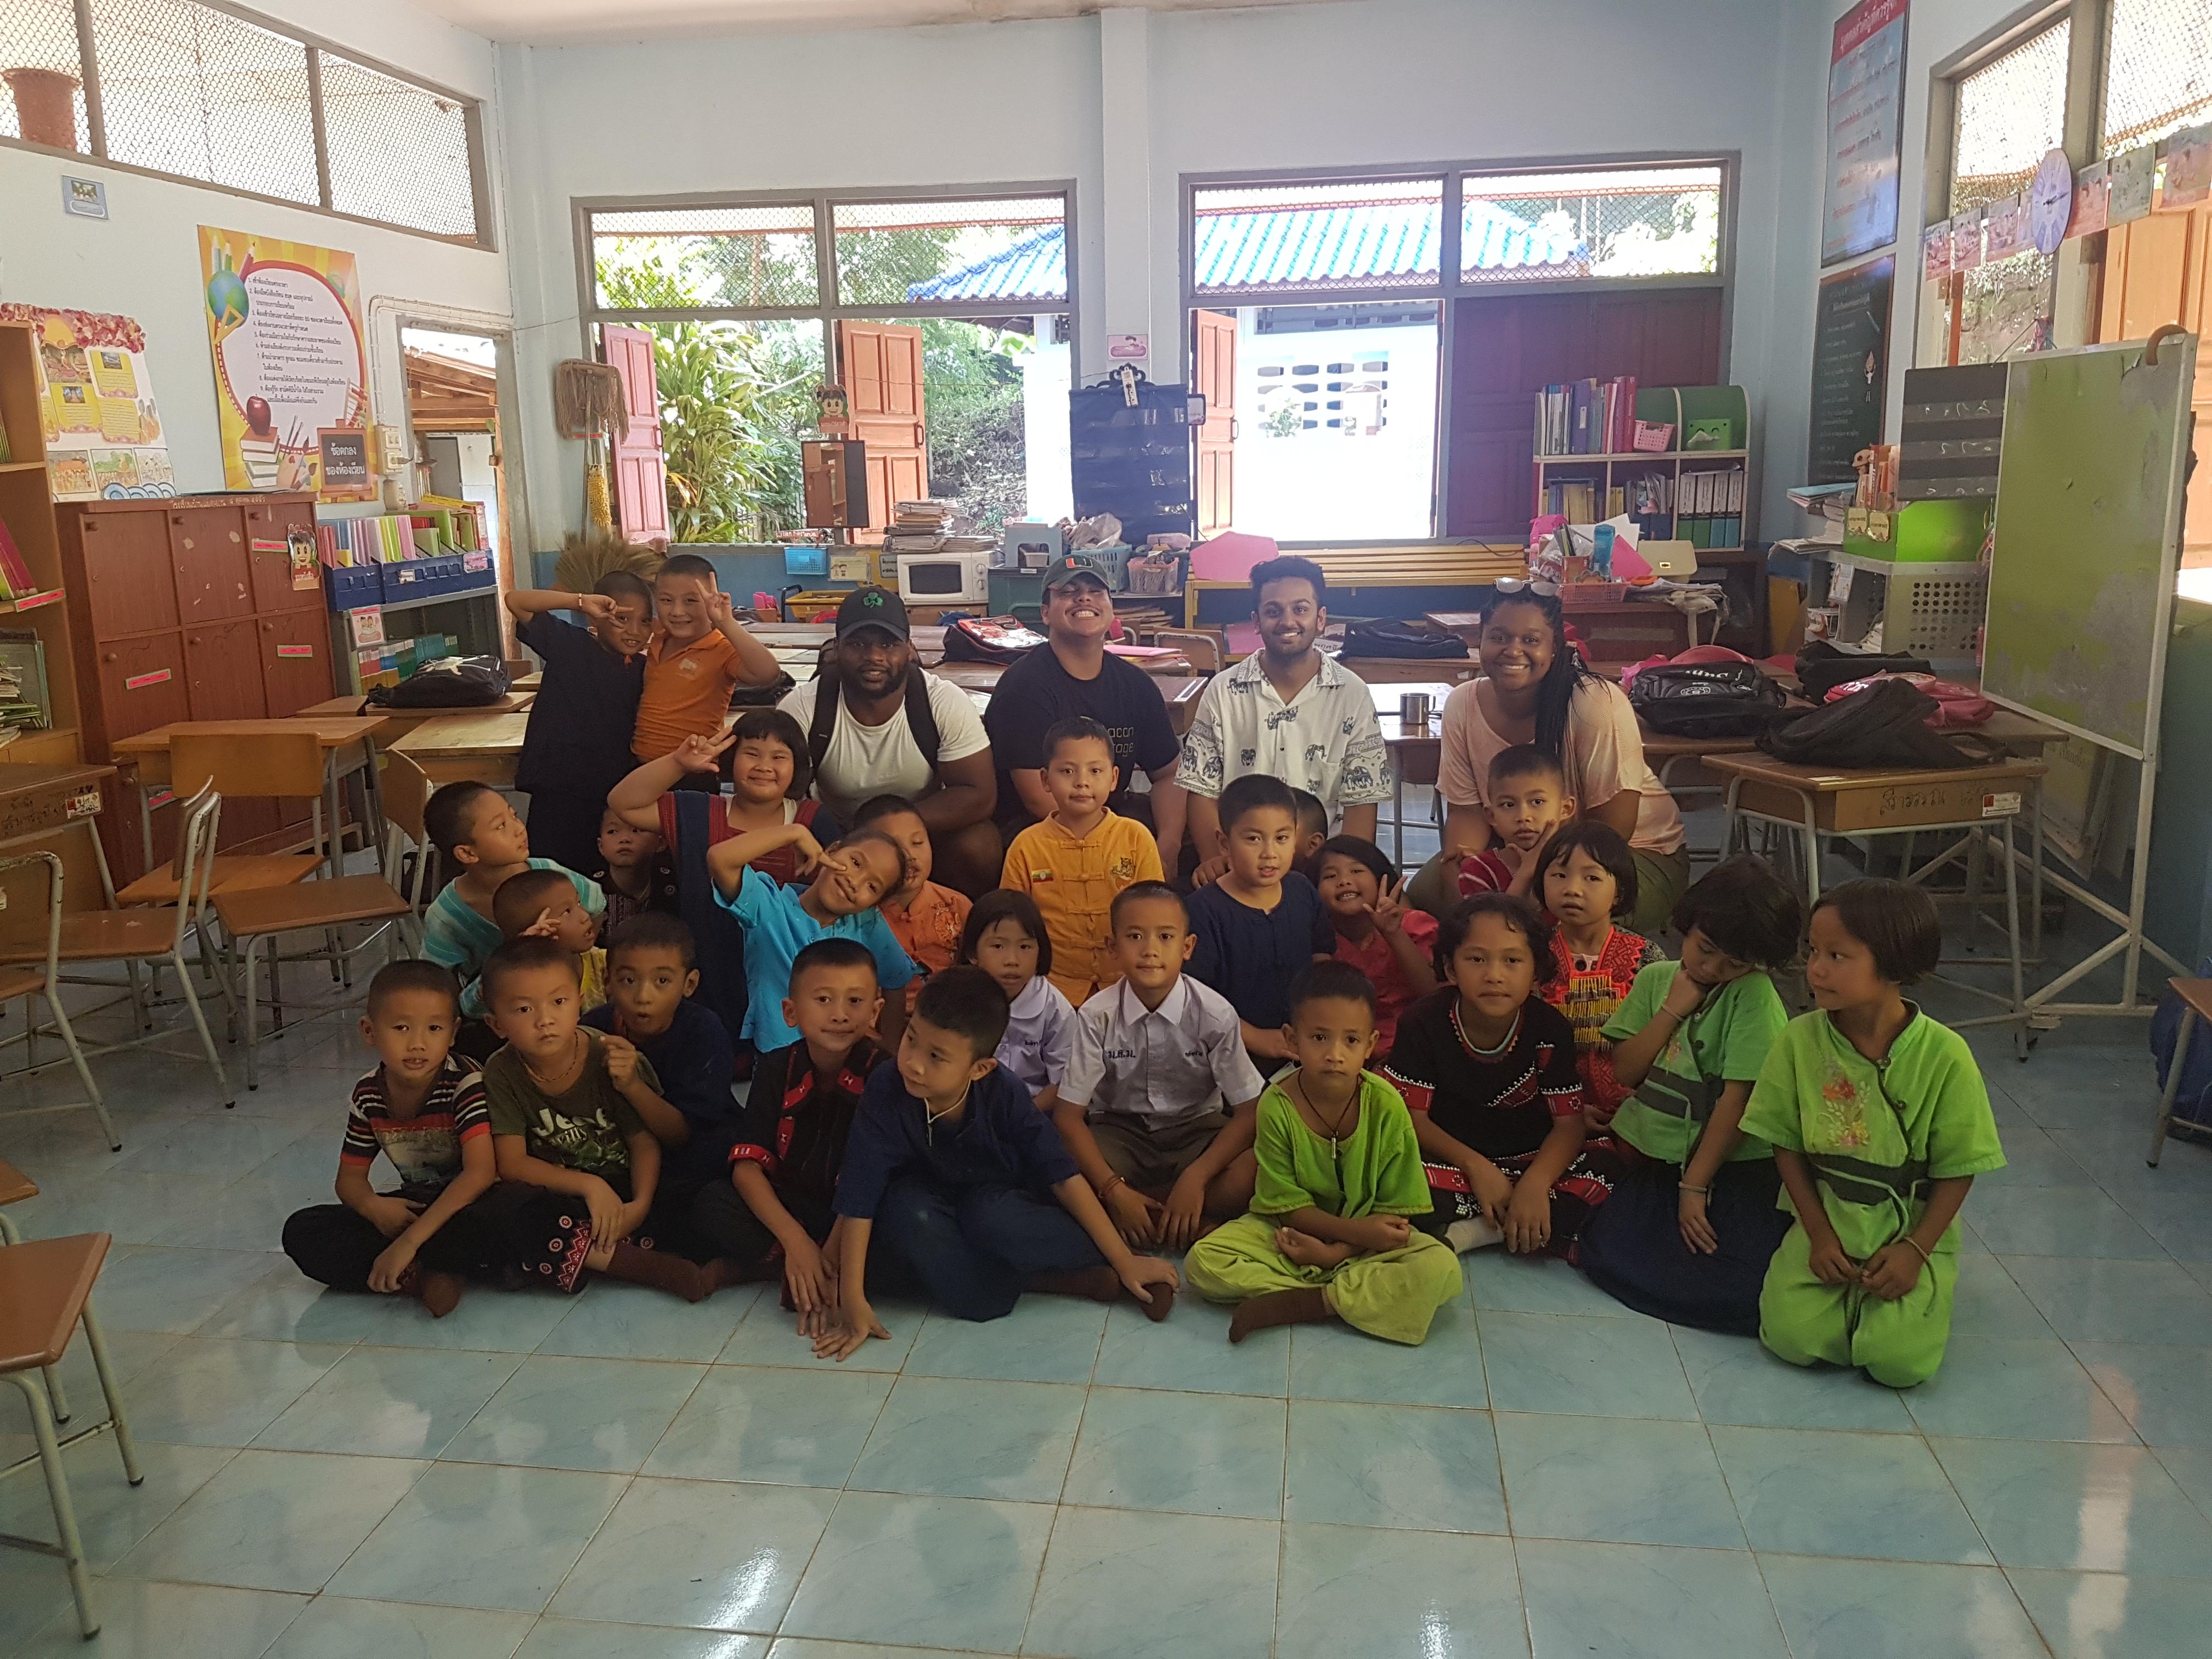 International service school children